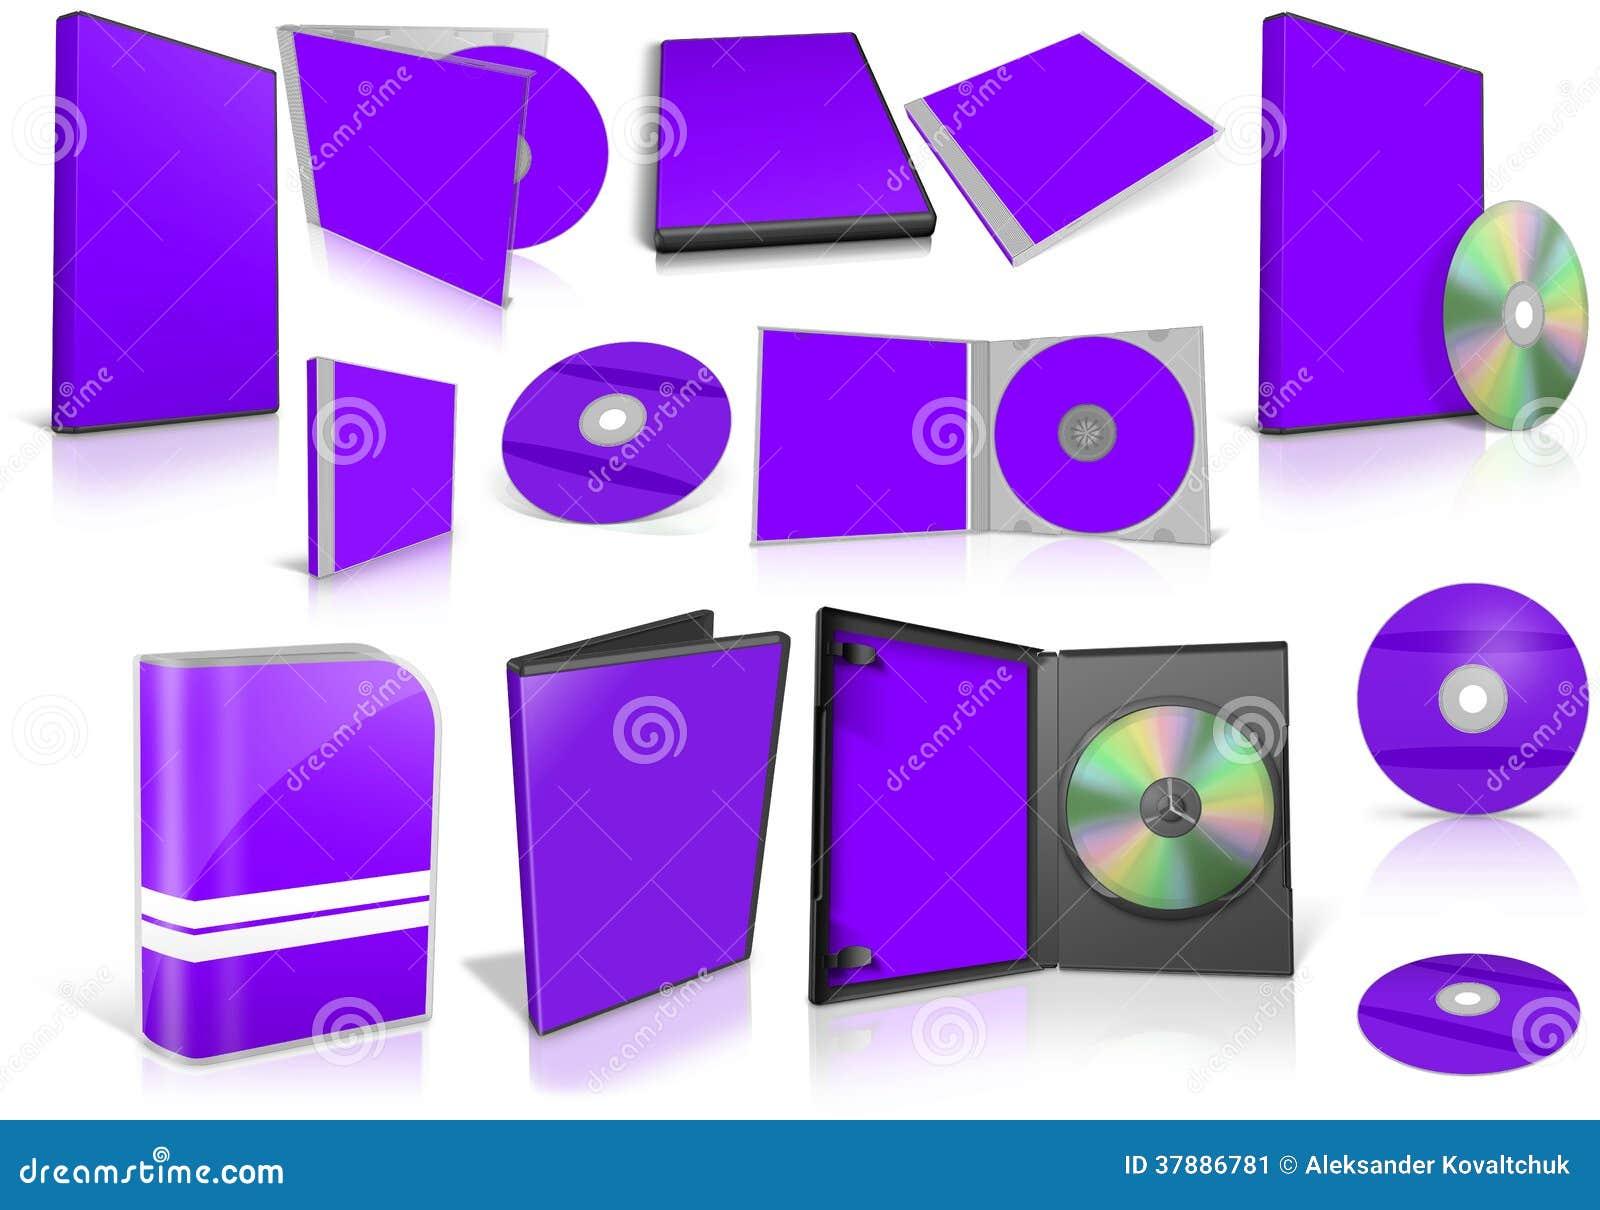 Violette schijven en dozen van verschillende media op wit